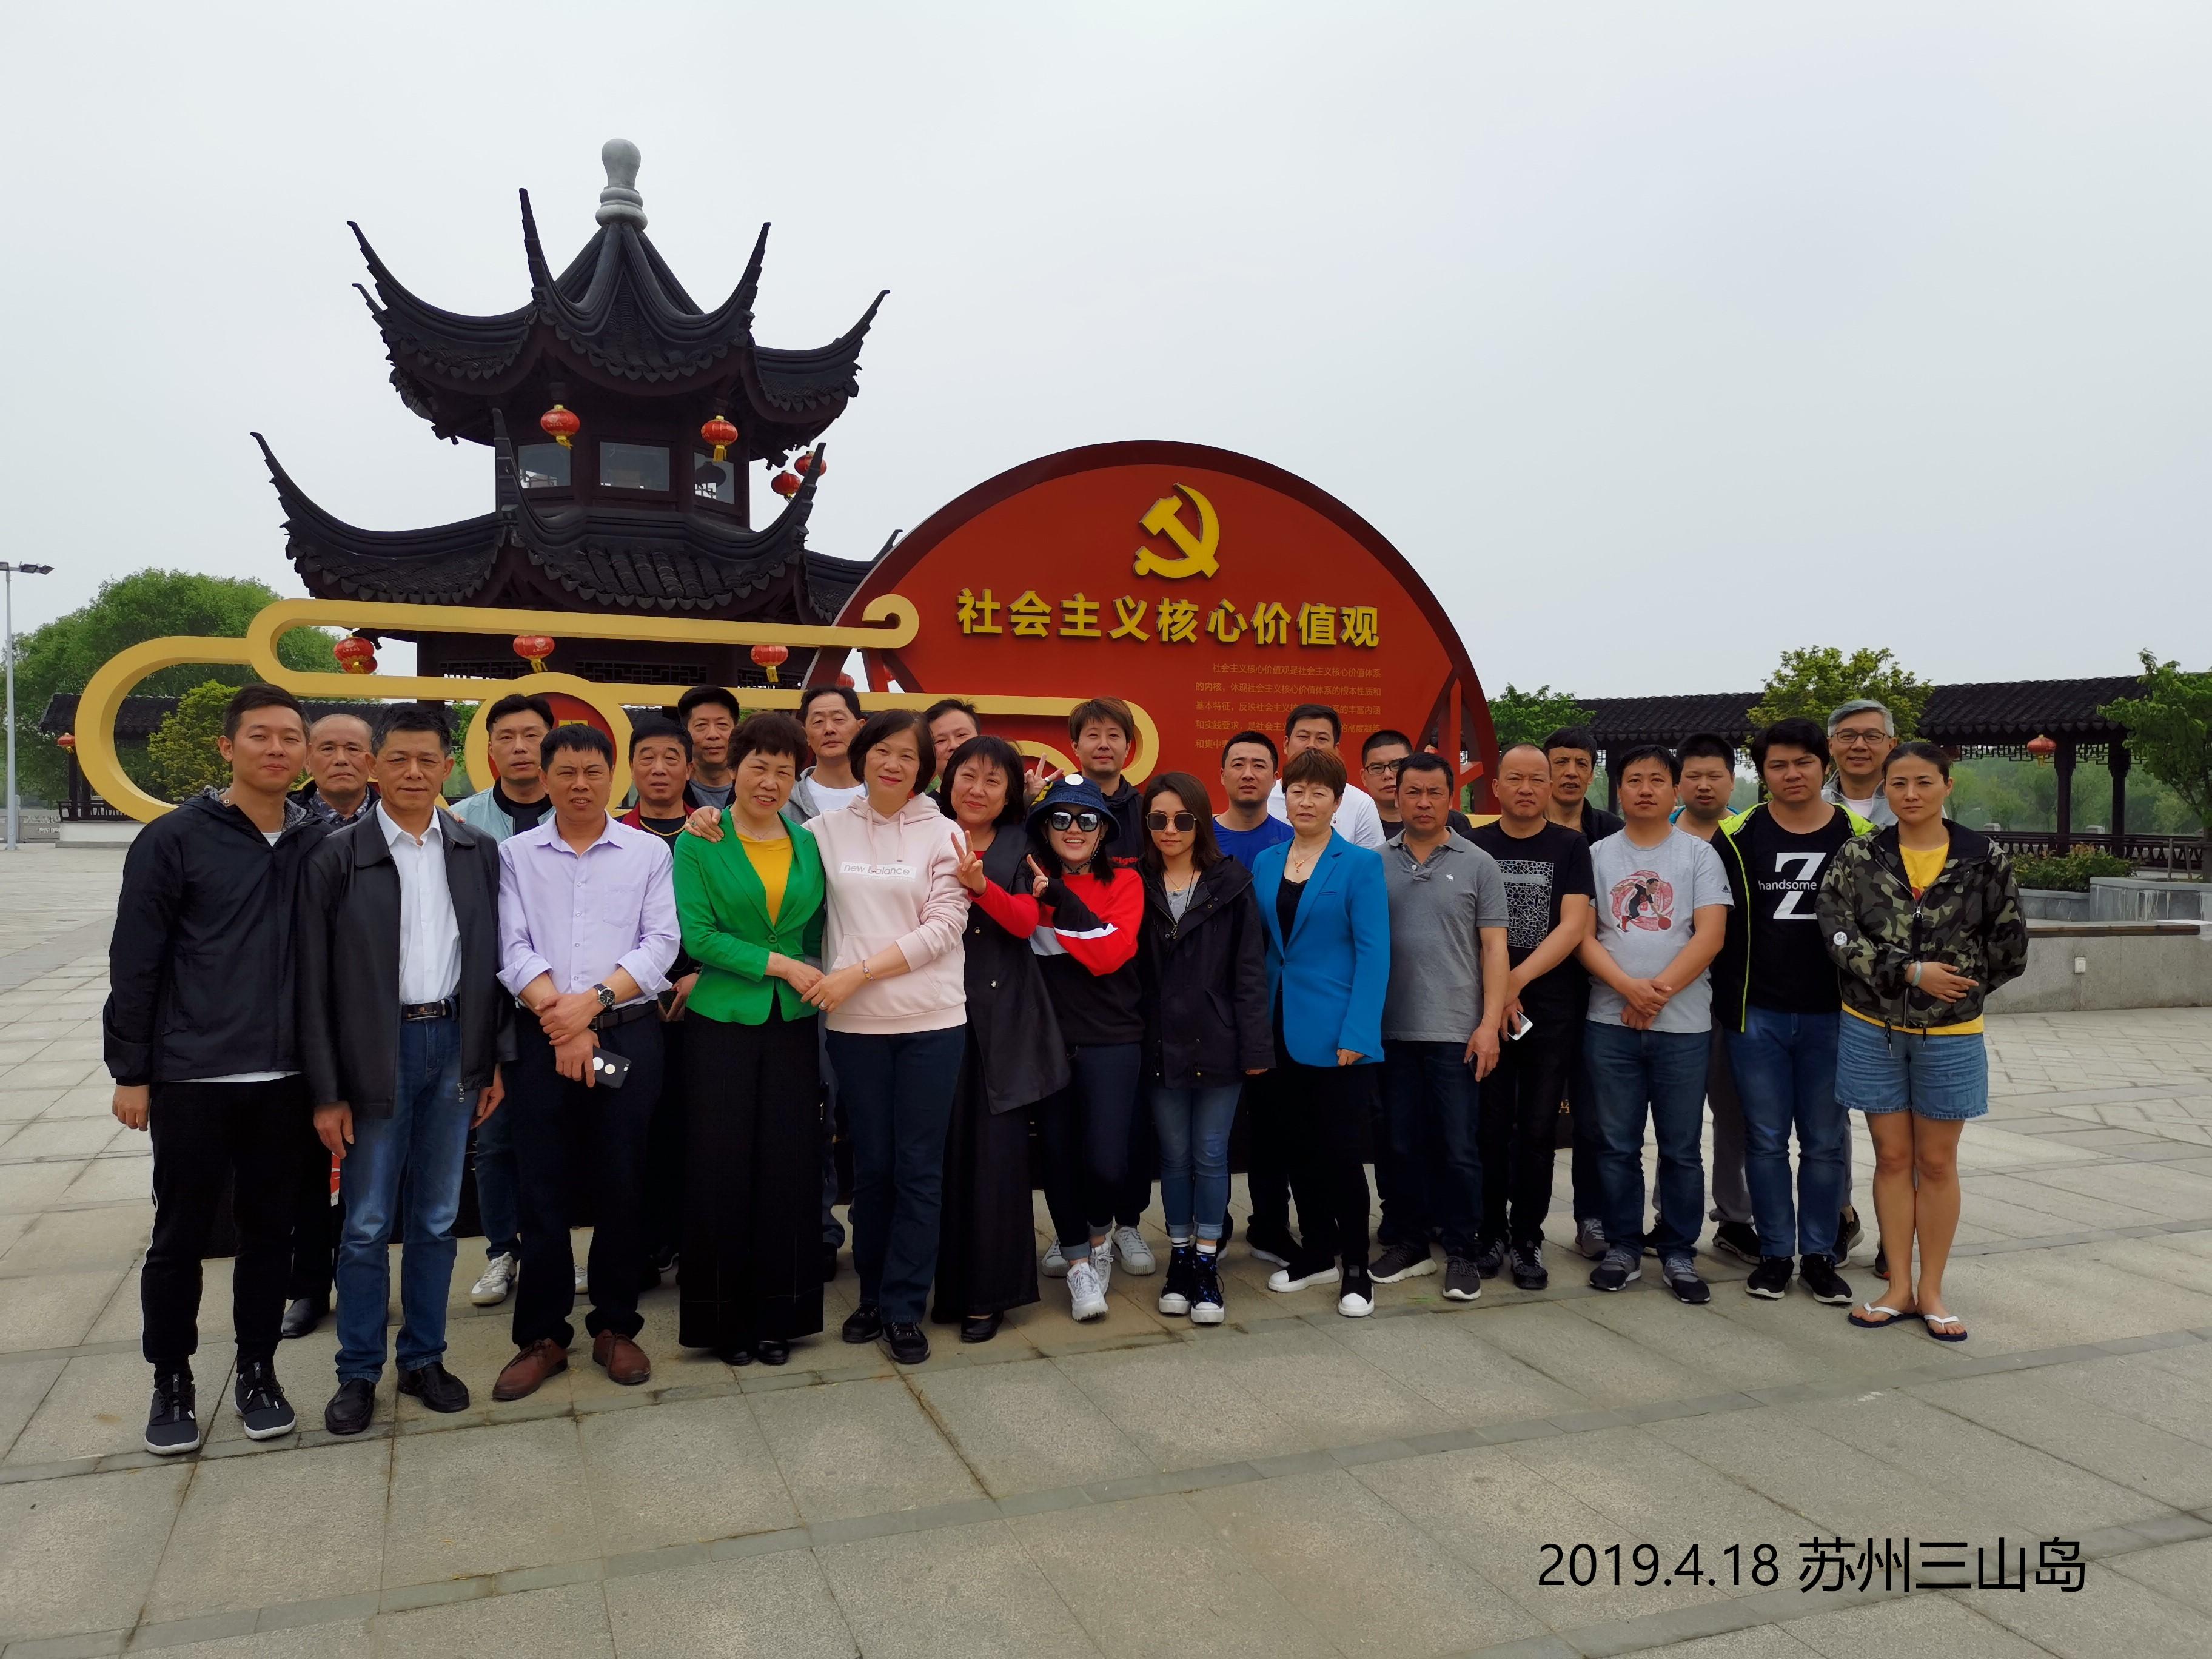 2019年度上海亚洲图欧美综合偷拍化工有限公司三山岛之旅胜利进行